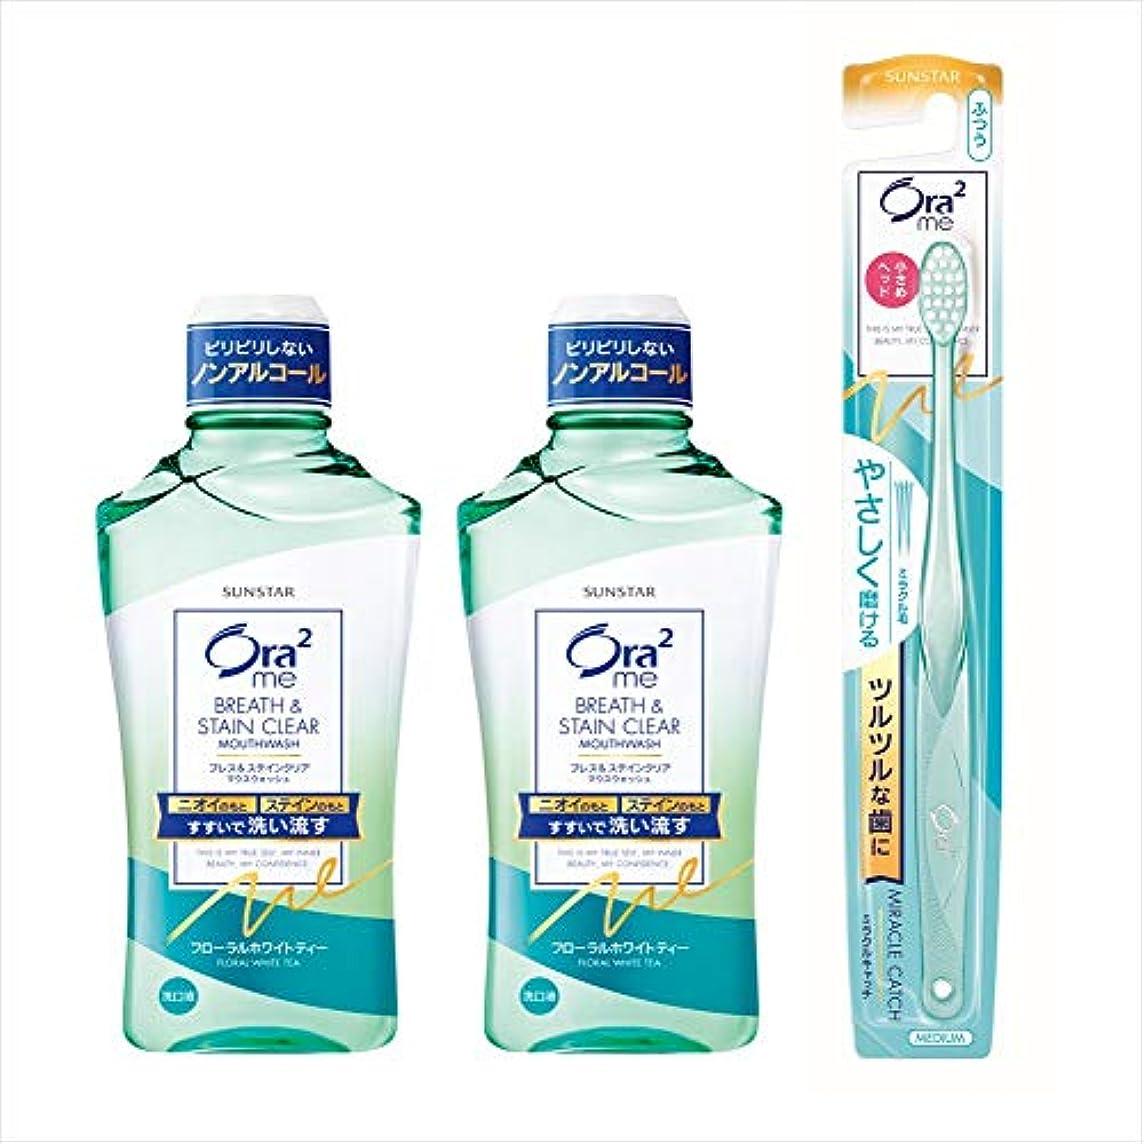 Ora2(オーラツー) ミーマウスウォッシュ ステインクリア 洗口液[フローラルホワイトティー]×2個+ハブラシ付き